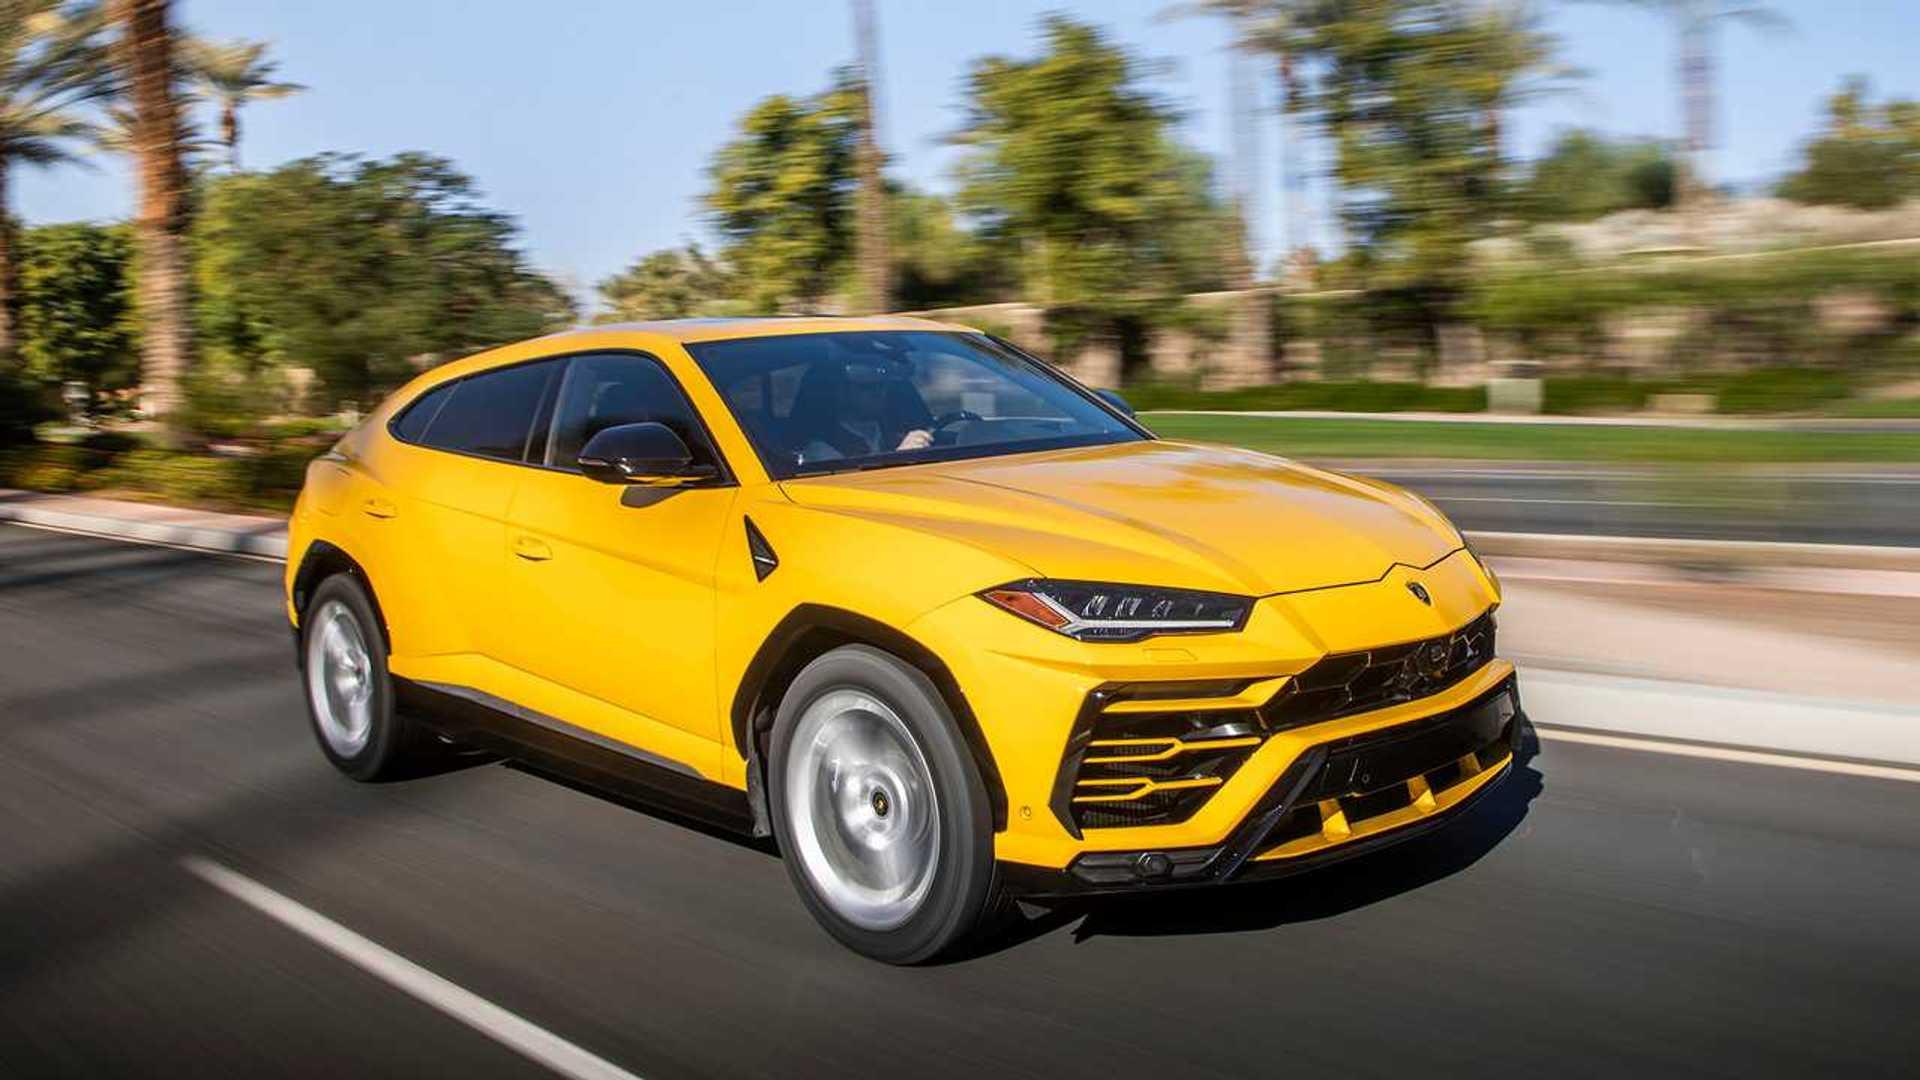 5. Lamborghini Urus